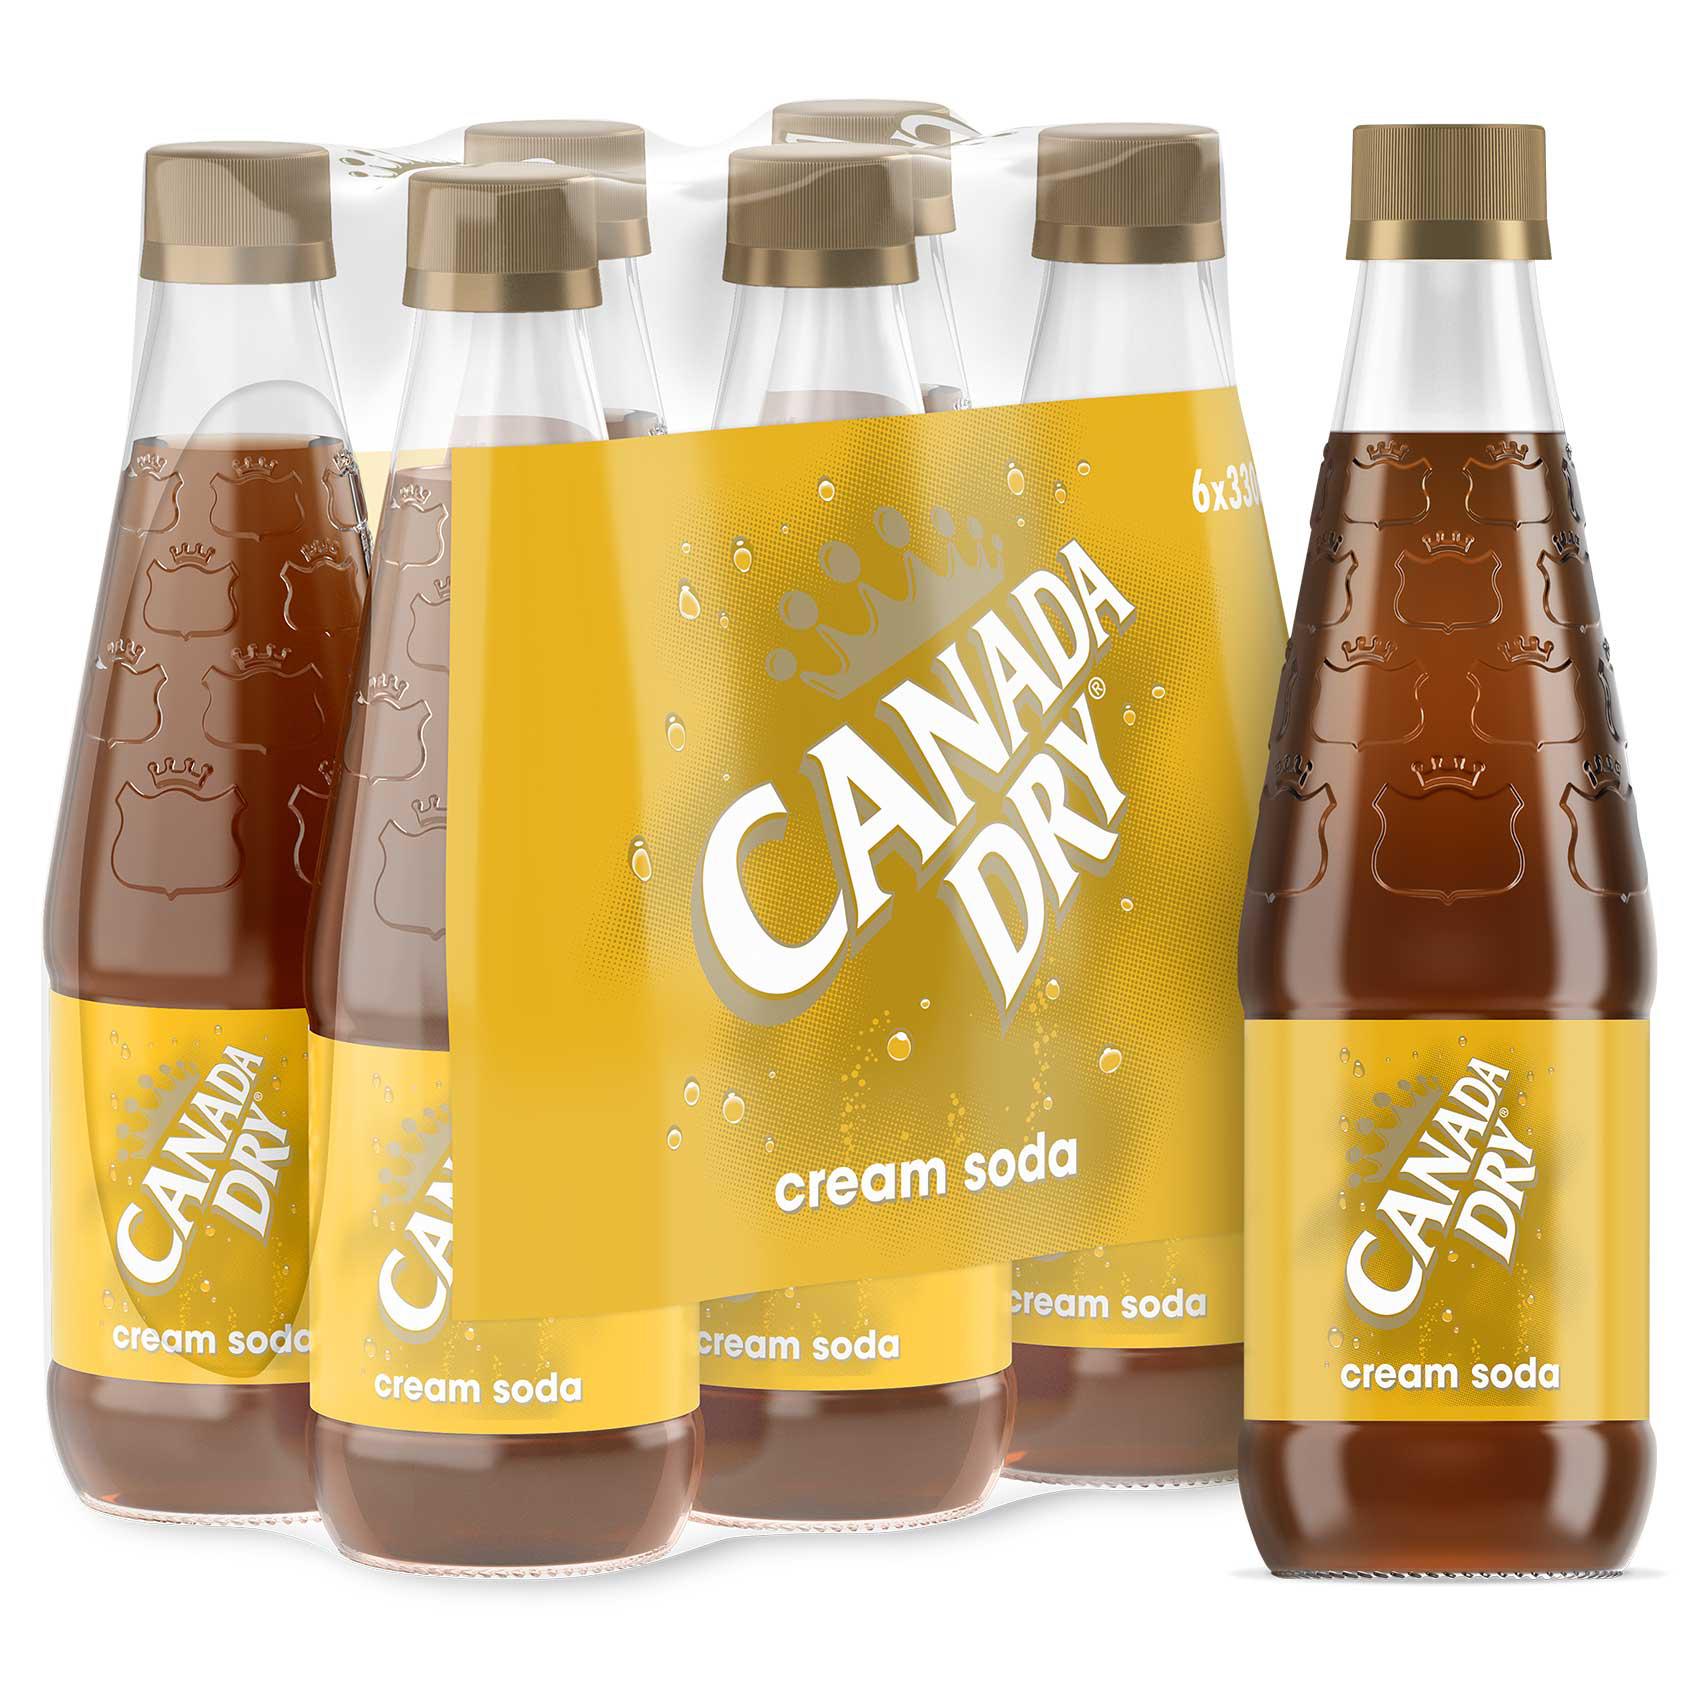 CANADA DRY CREAM SODA NRB 330MLX6